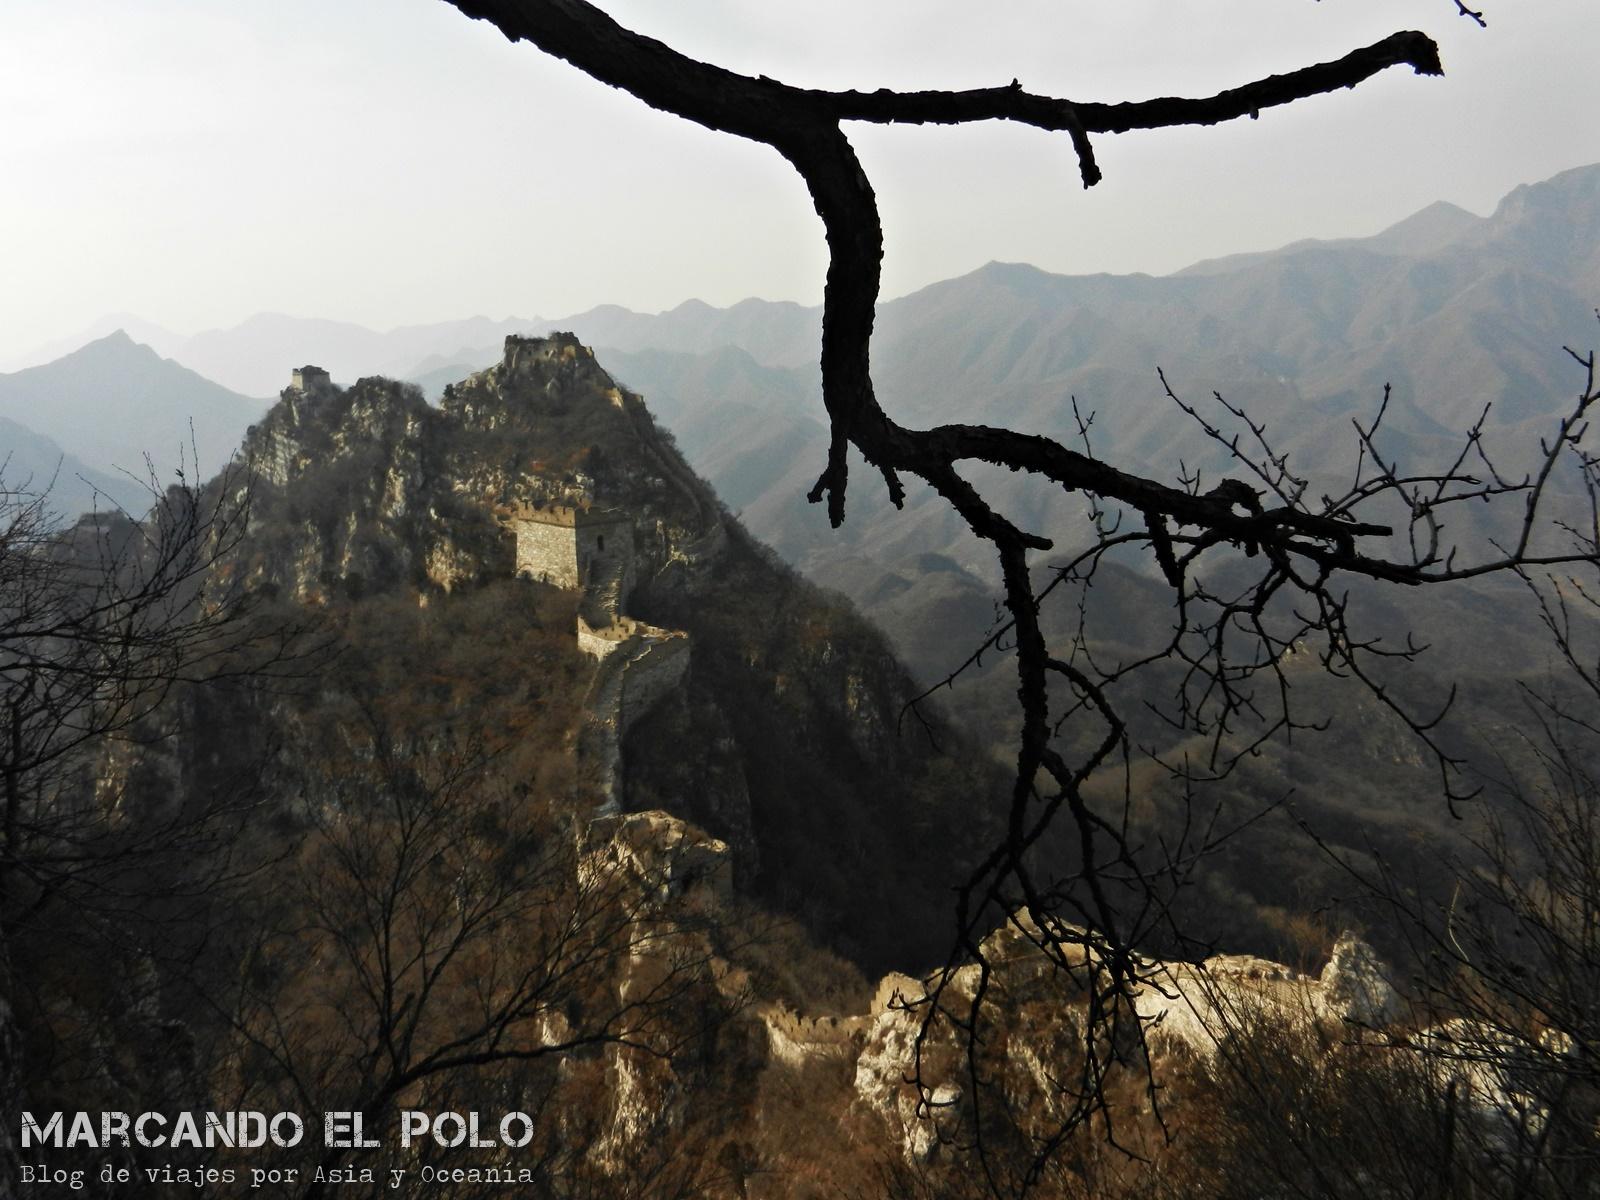 Cómo visitar La Gran Muralla China sin turistas (y sin pagar entrada!) 30e77035b733c